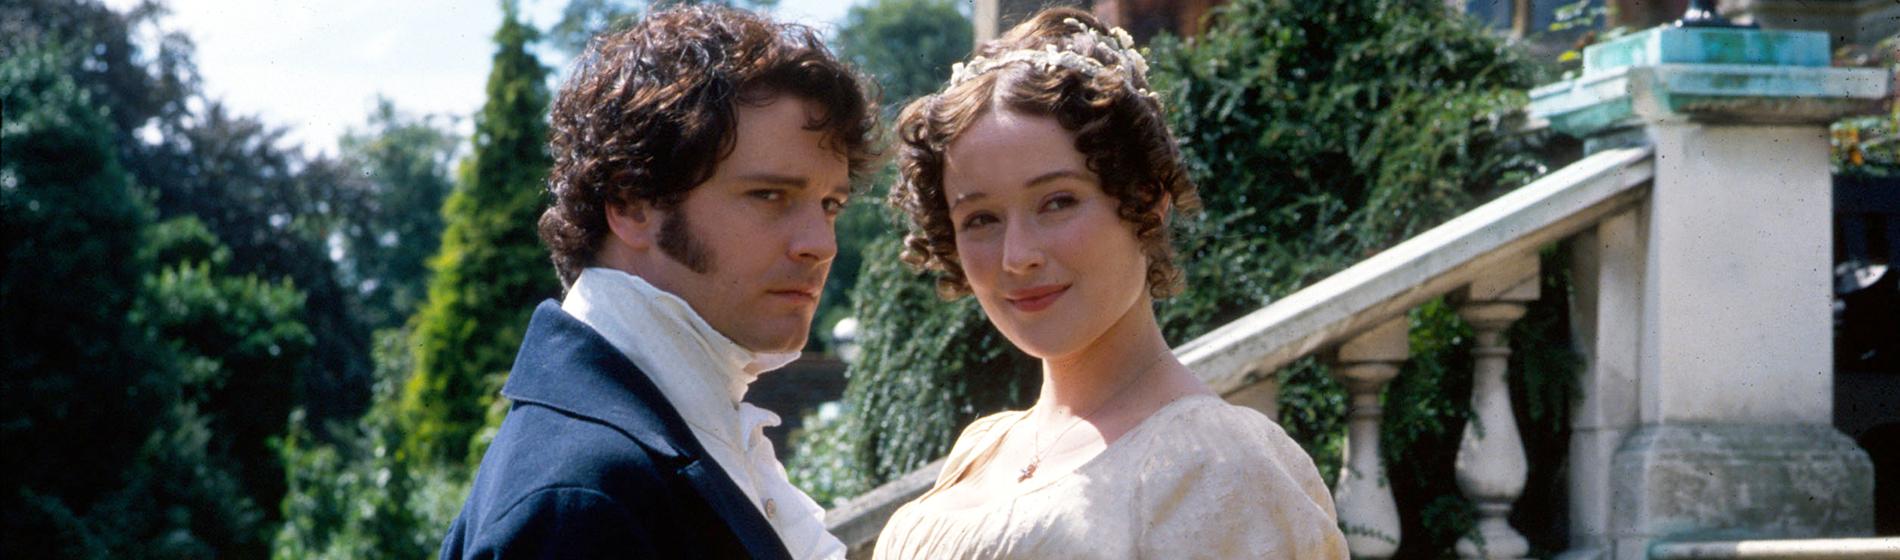 Colin Firth (Mr. Darcy) and Jennifer Ehle (Elizabeth Bennet) in Pride and Prejudice